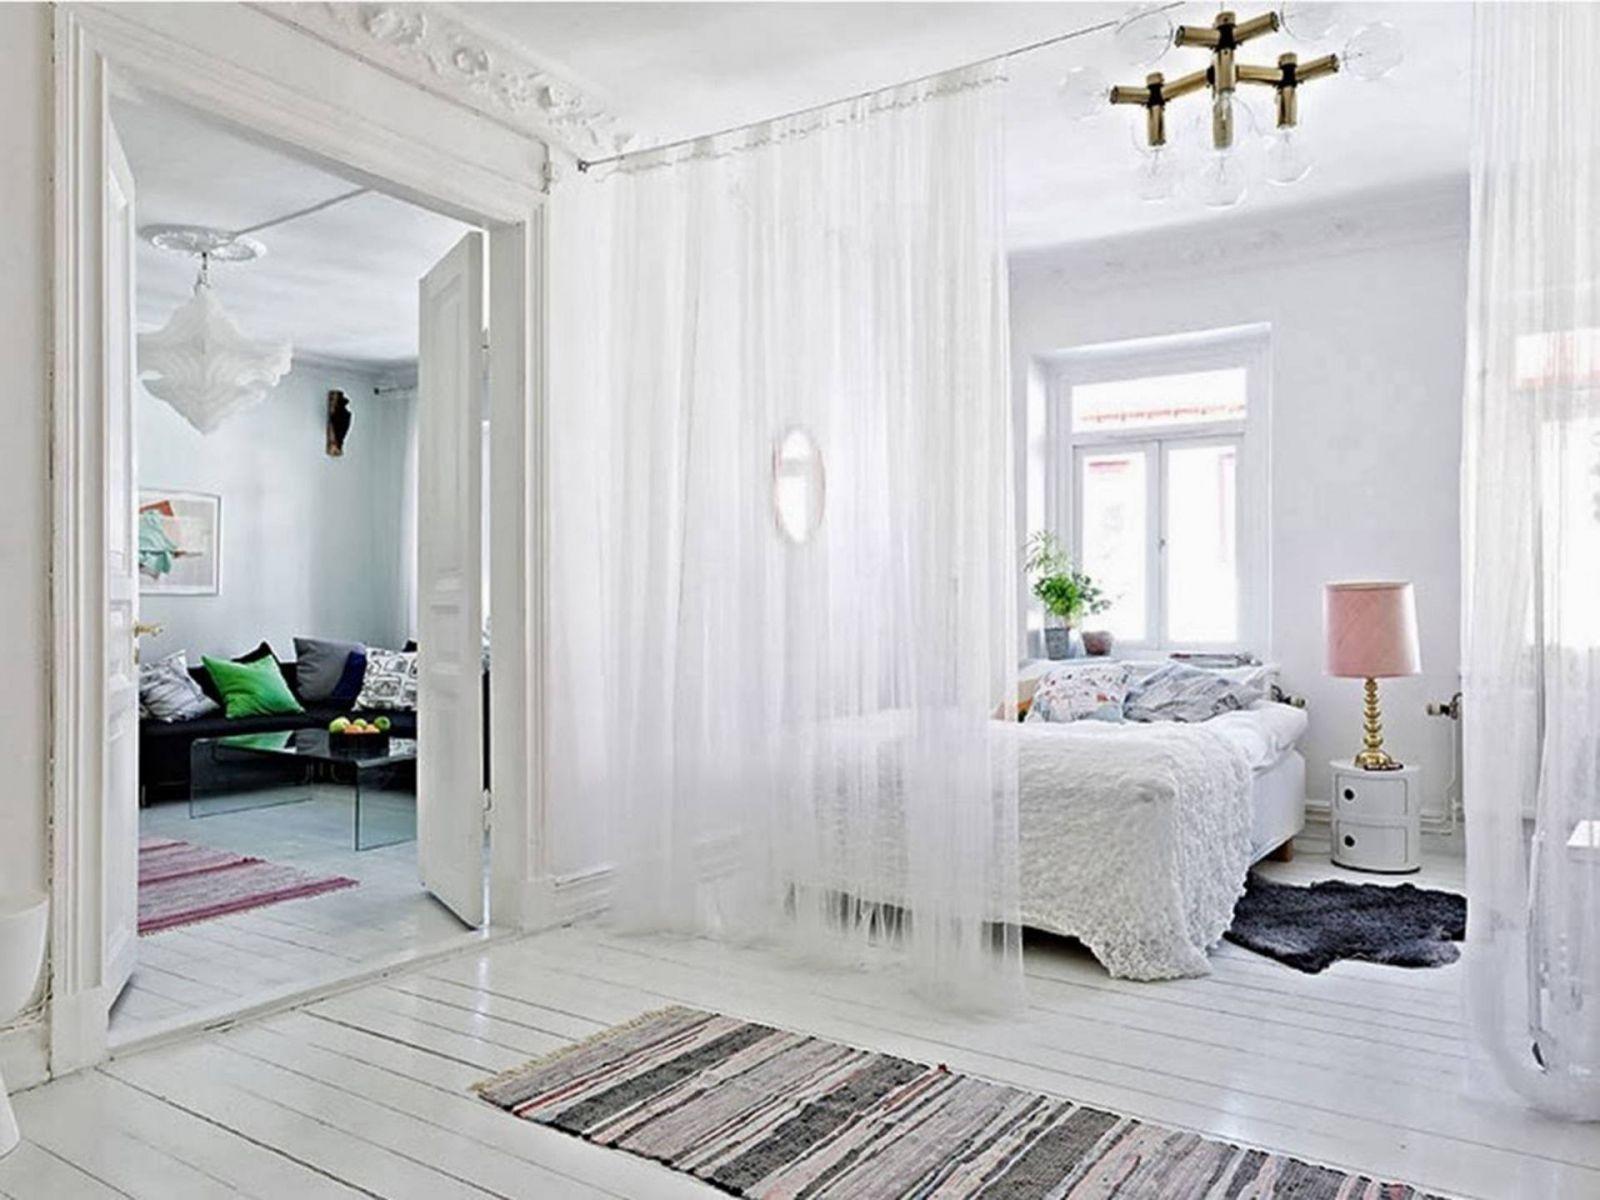 Vách ngăn phòng ngủ bằng vải nhẹ nhàng